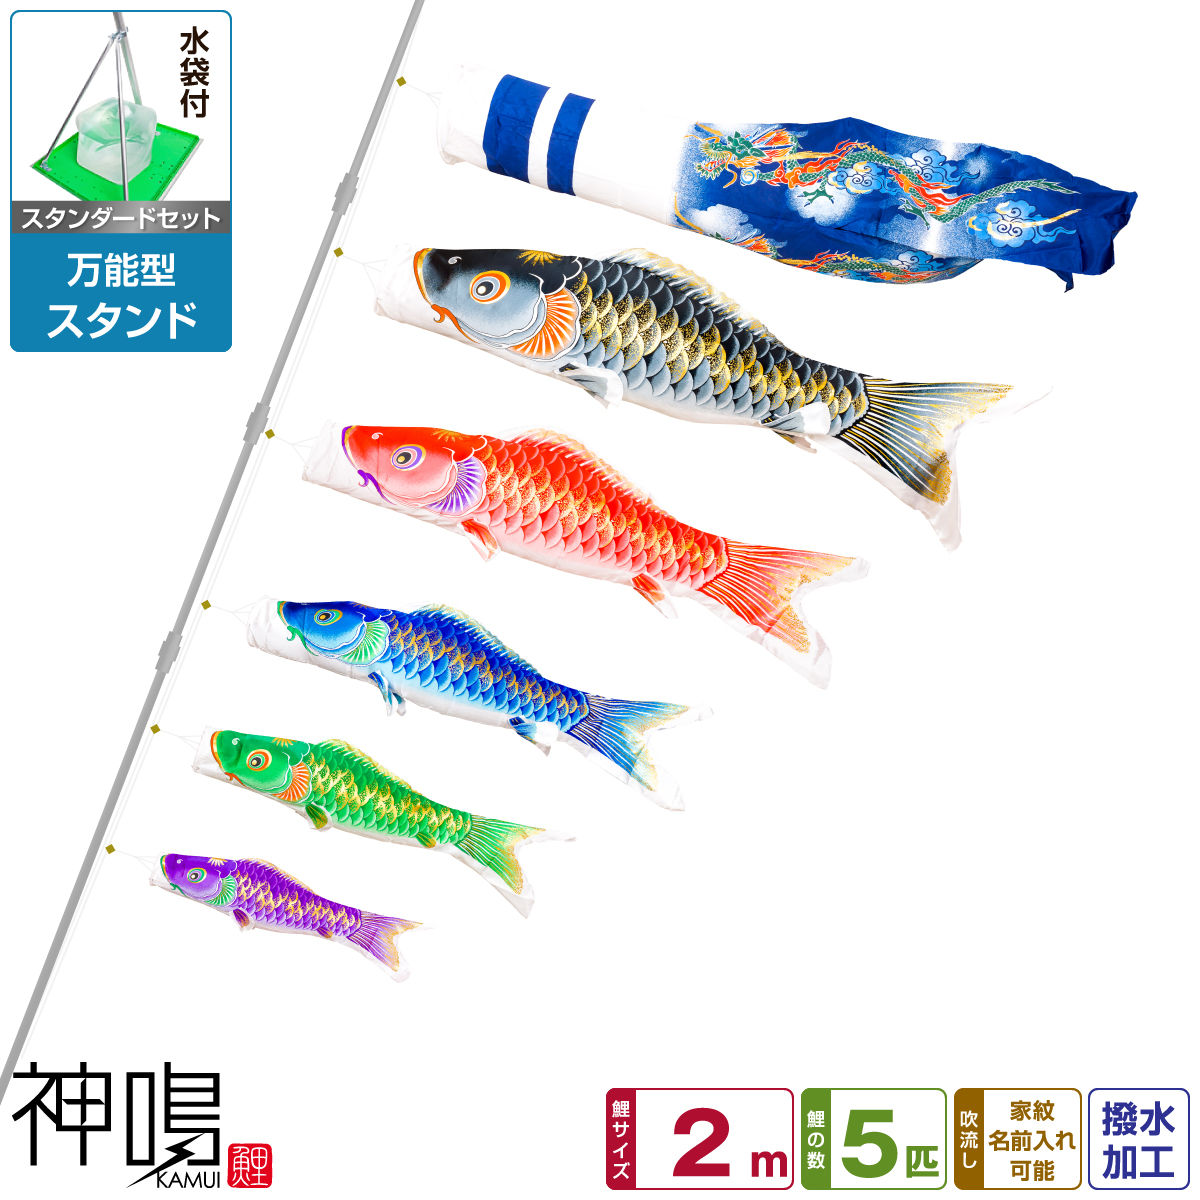 鯉のぼり ベランダ/庭/兼用 神鳴鯉-KAMUI- 2m 8点(吹流し+鯉5匹+矢車+ロープ)/スタンダードセット(万能スタンド)